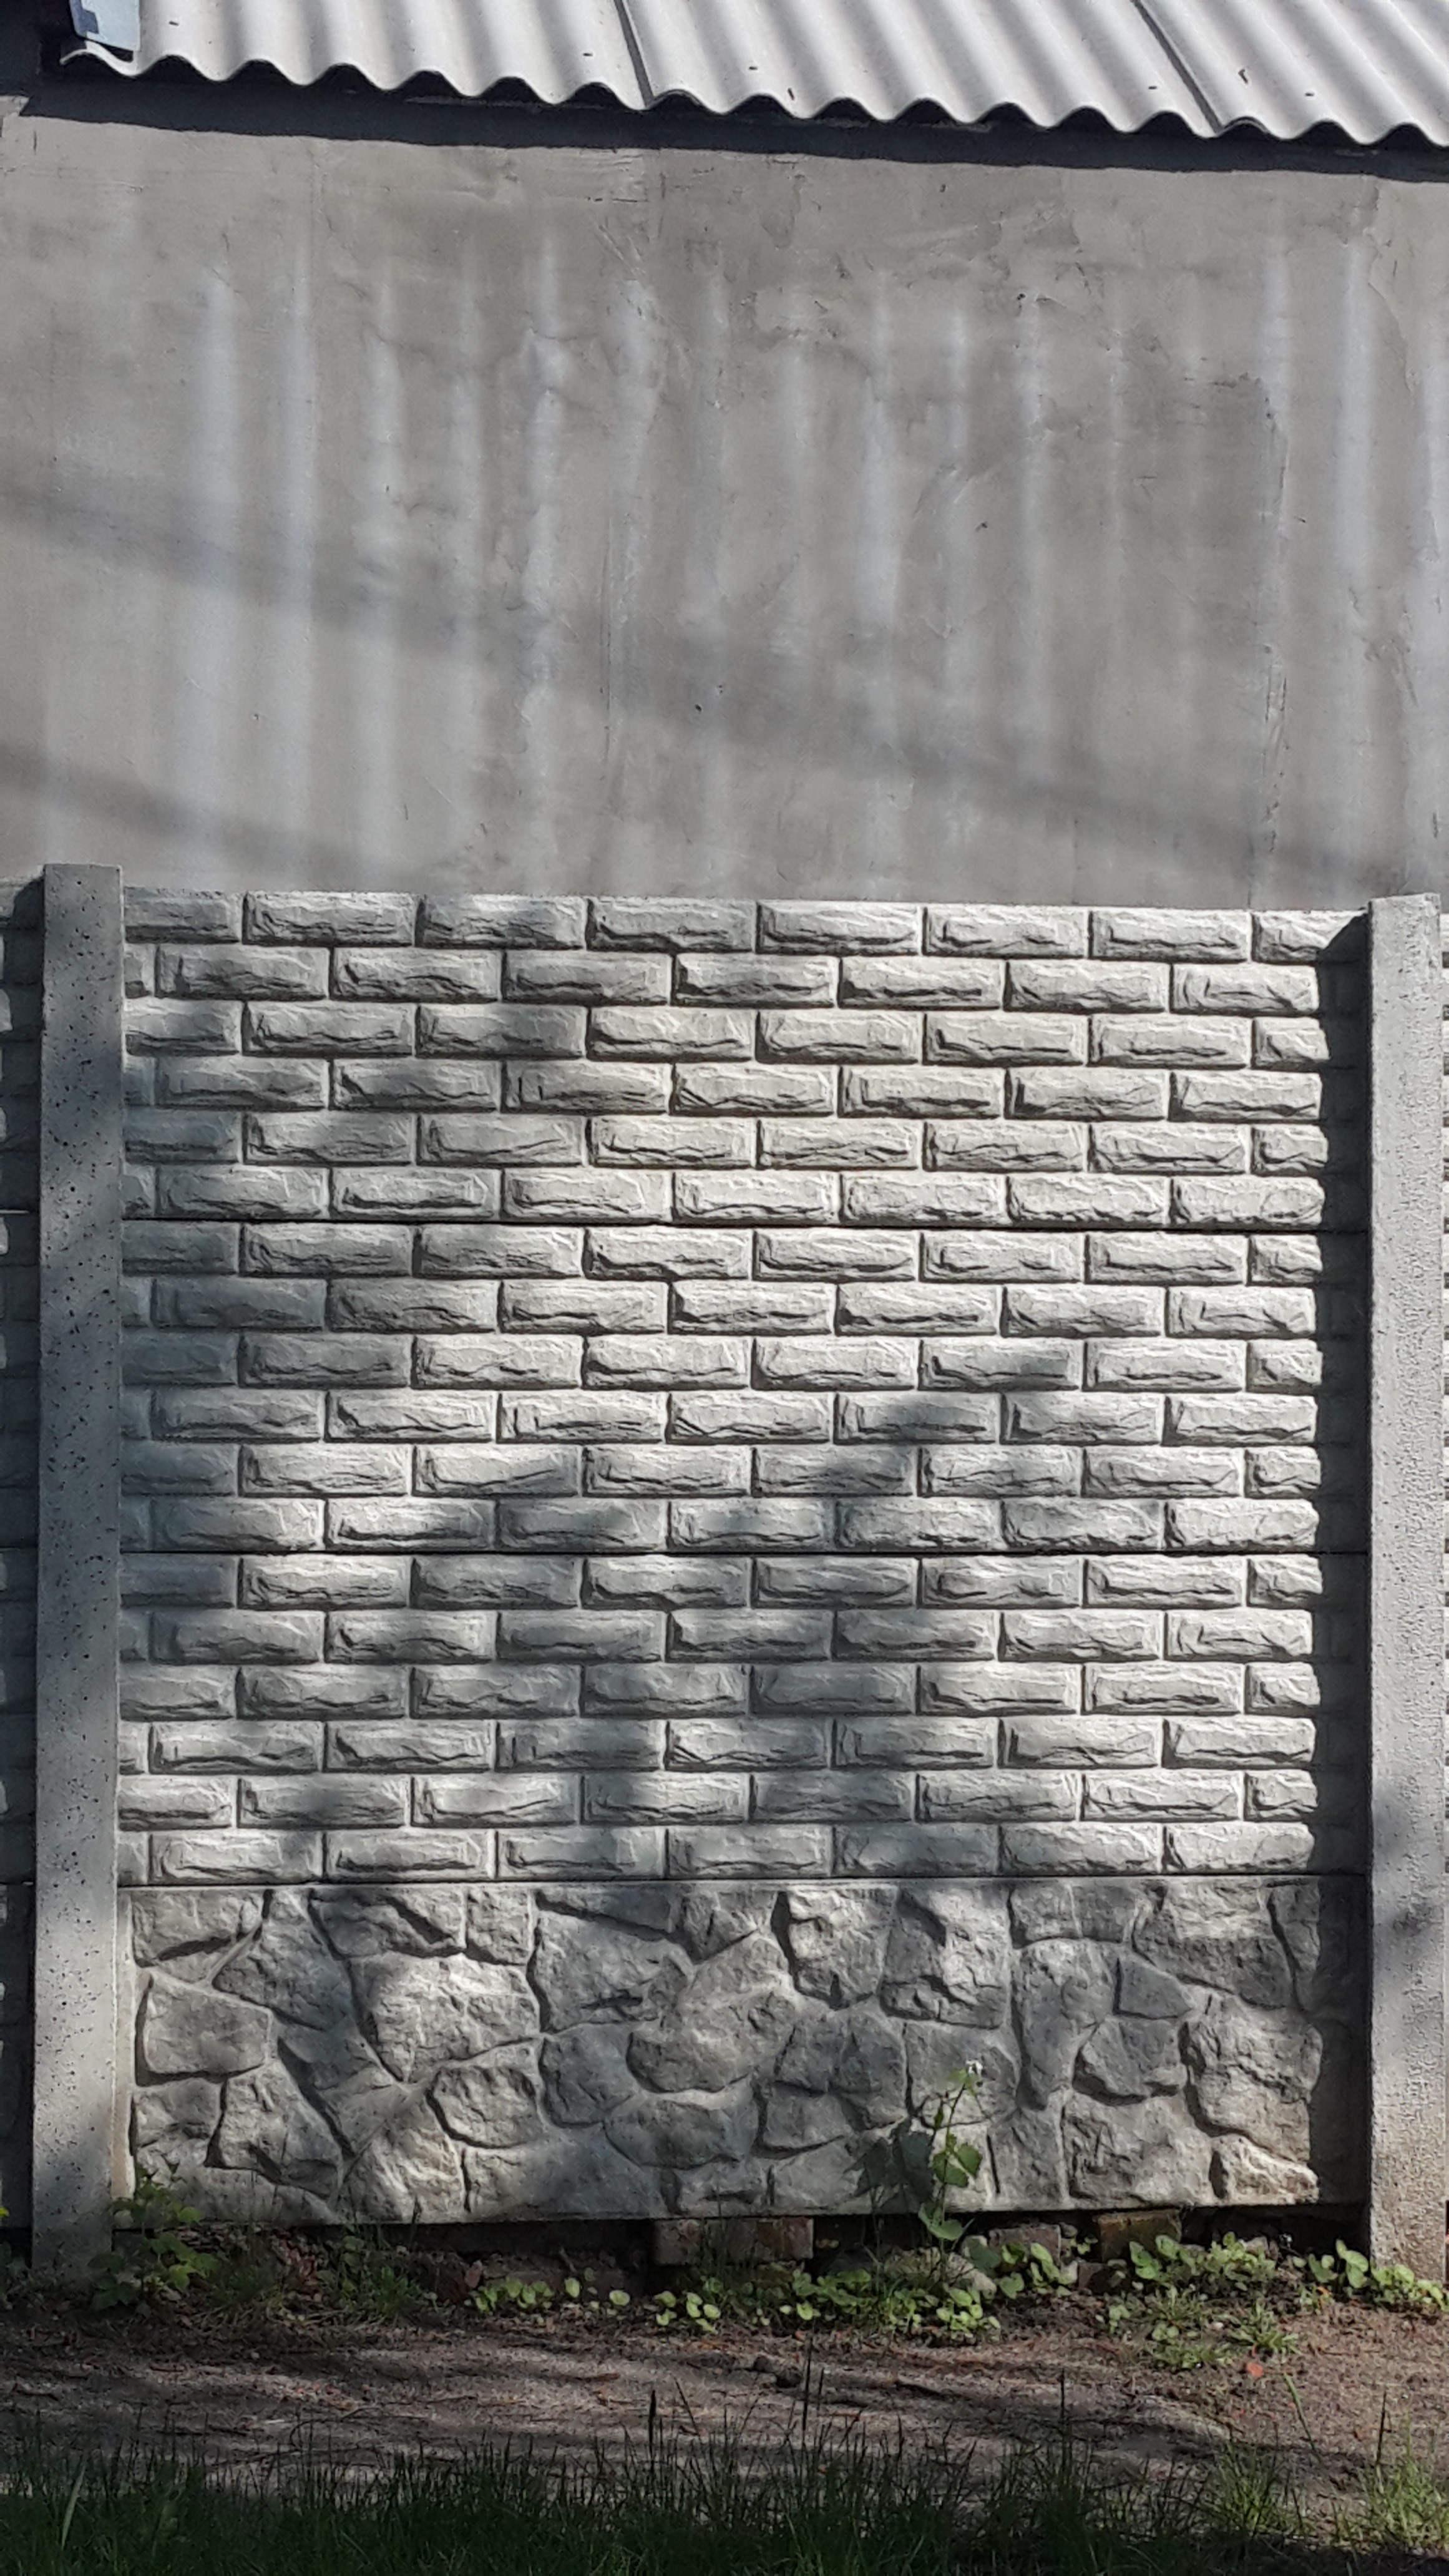 крепкий бетонный забор